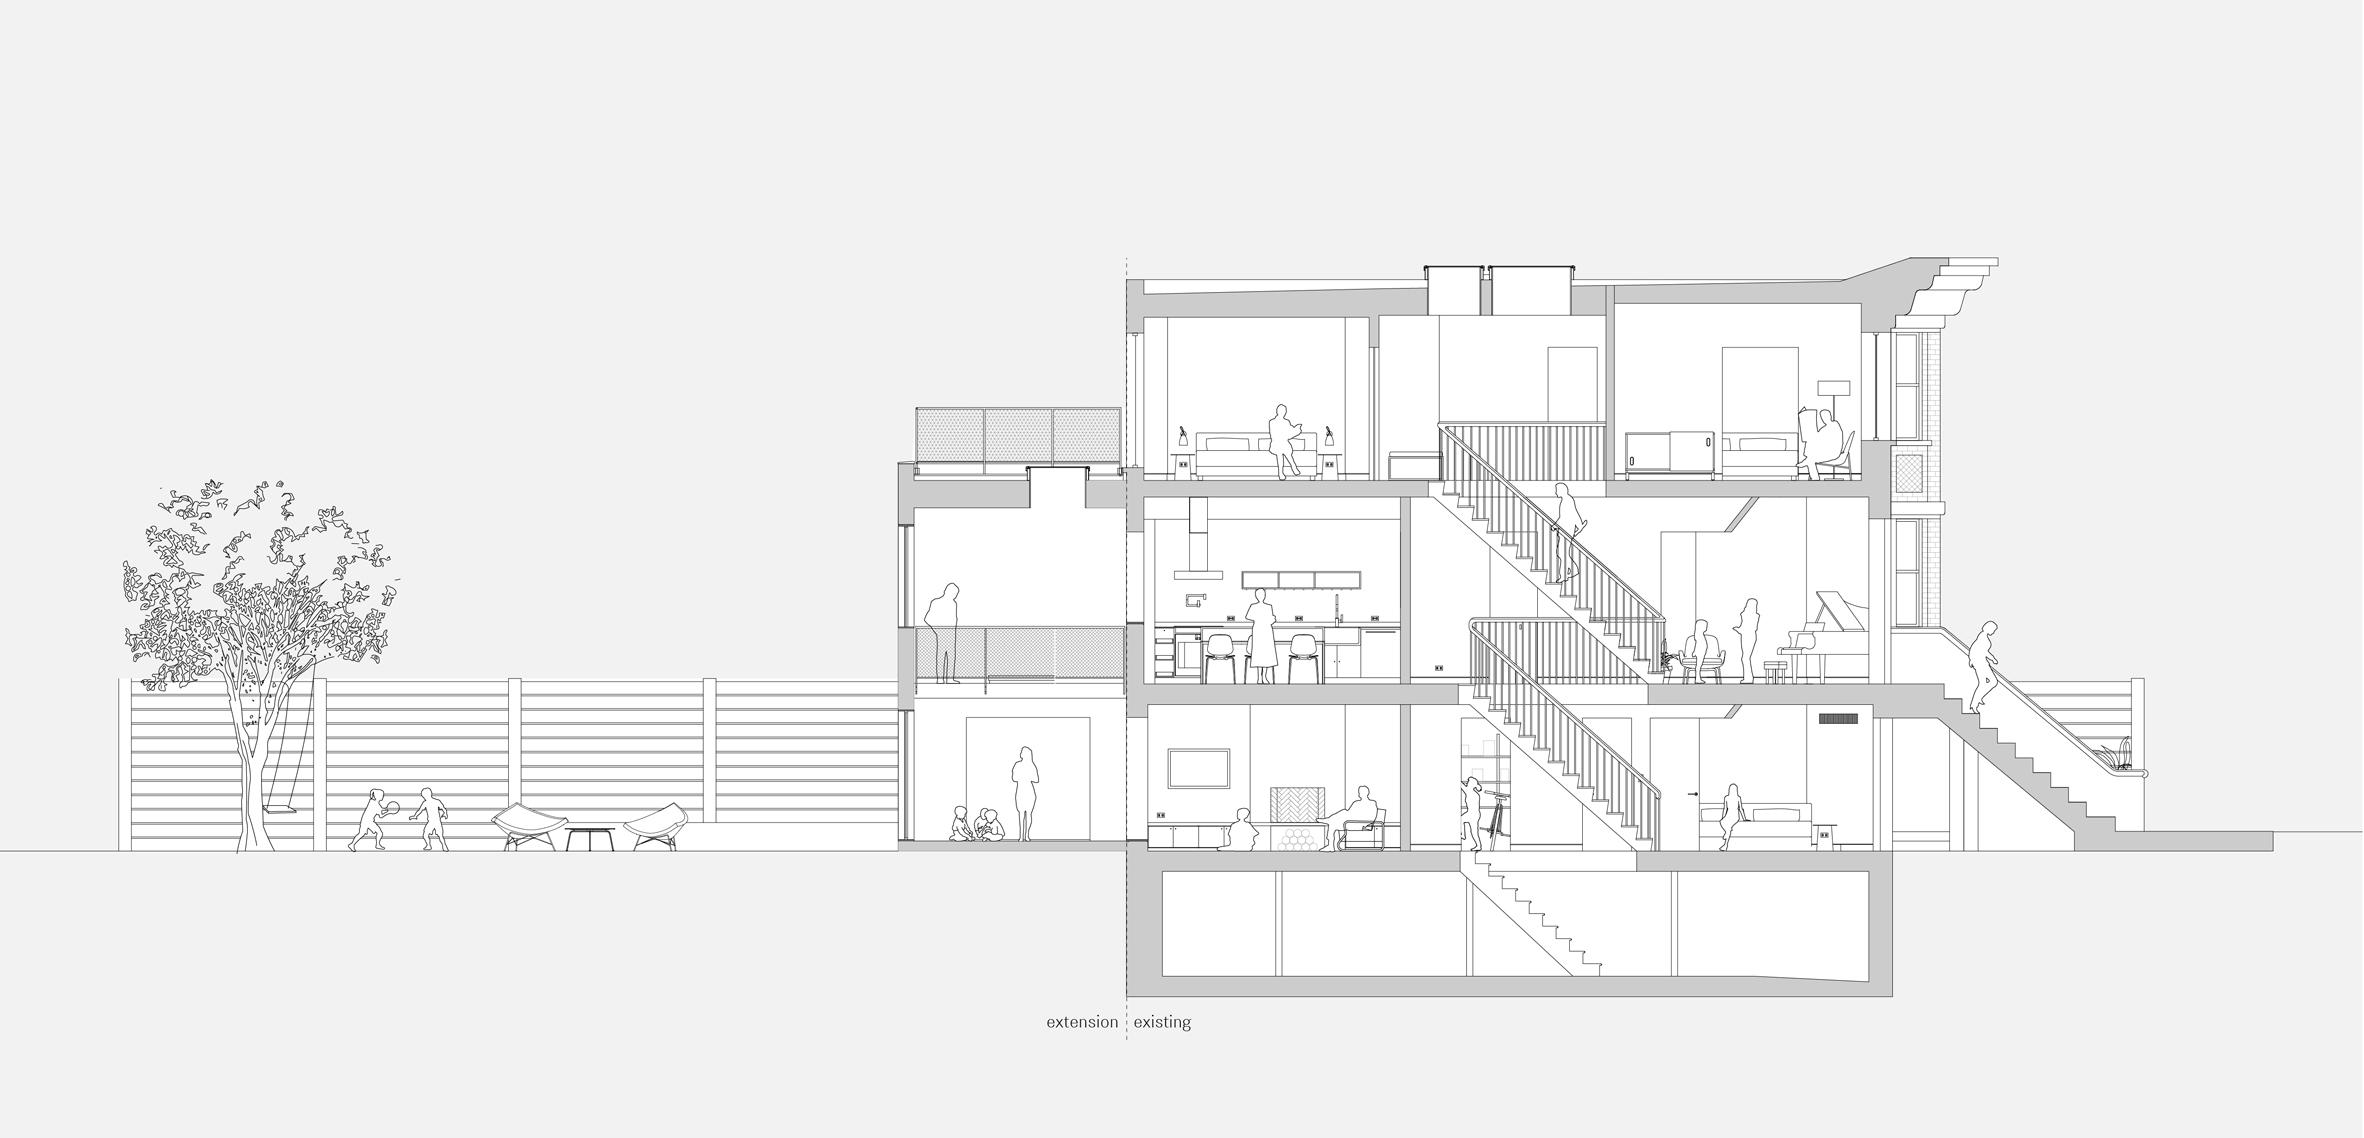 extended townhouse vondalwig architecture brooklyn new york dezeen section - NGÔI NHÀ THÔNG THOÁNG VÀ TRÀN NGẬP ÁNH SÁNG TỰ NHIÊN